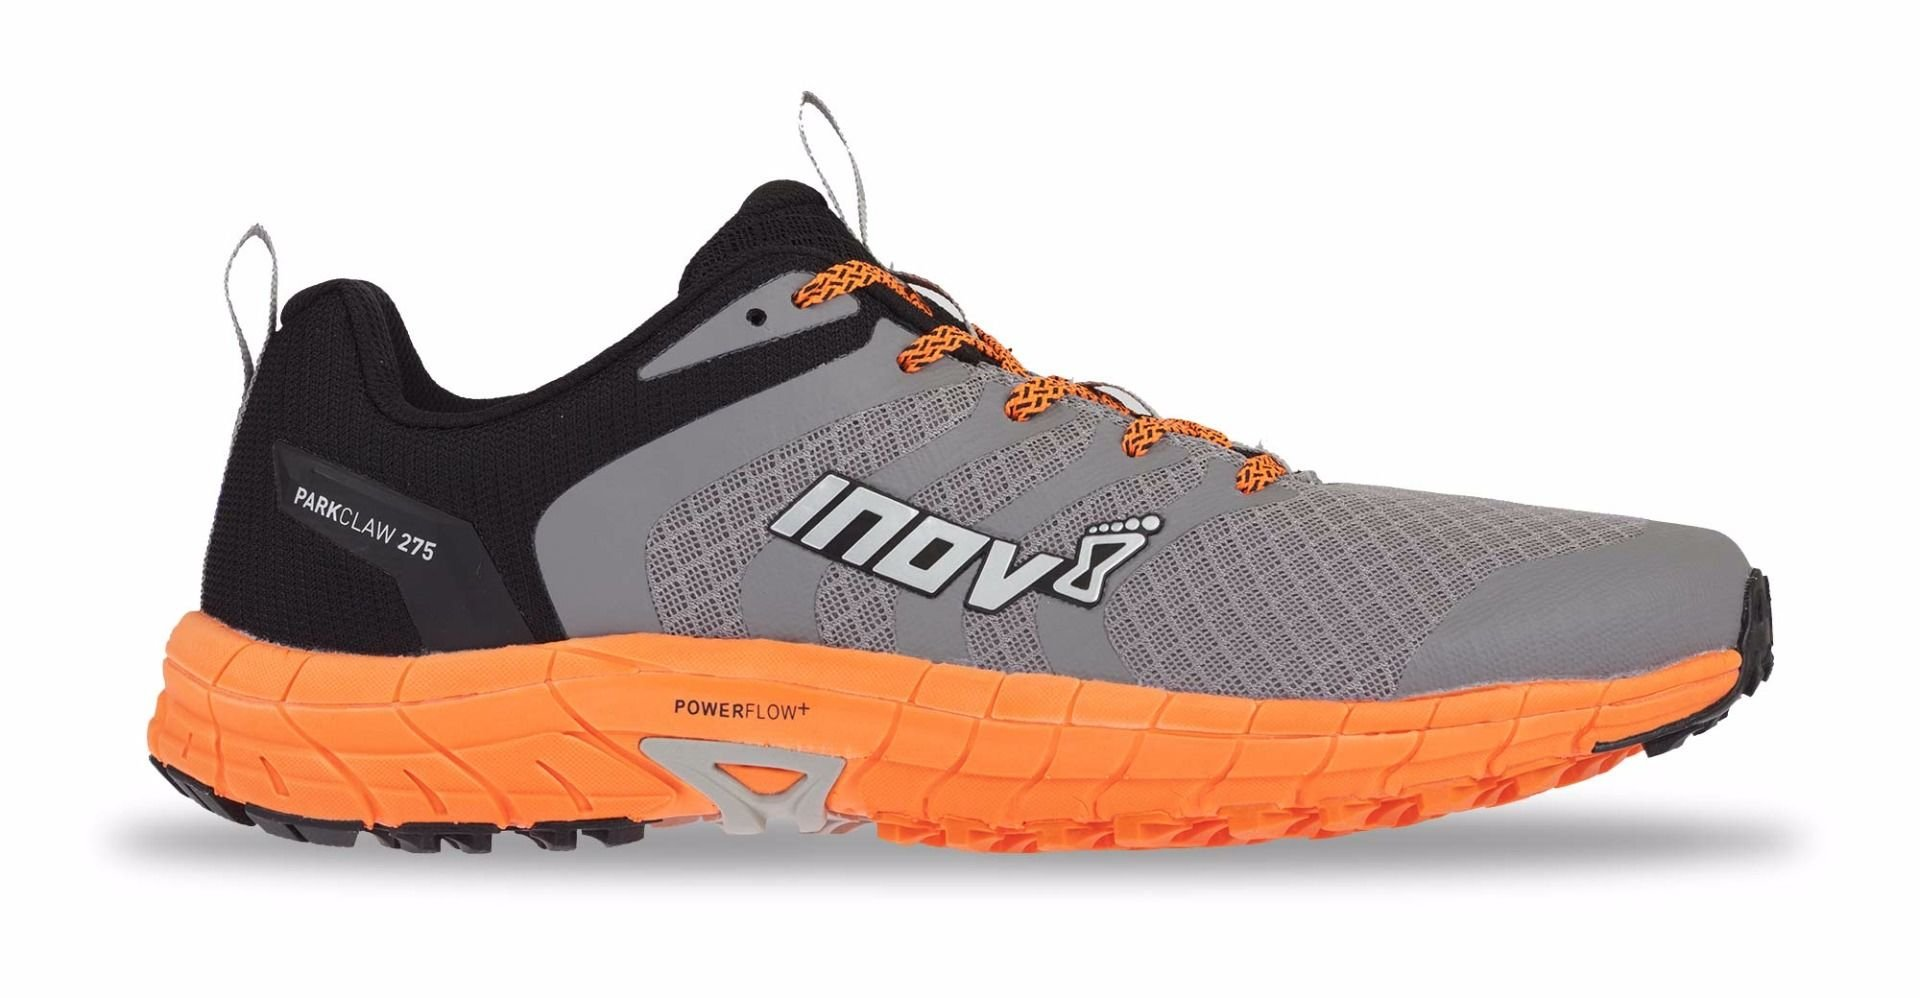 Bežecké topánky INOV-8 PARKCLAW 275 (S)